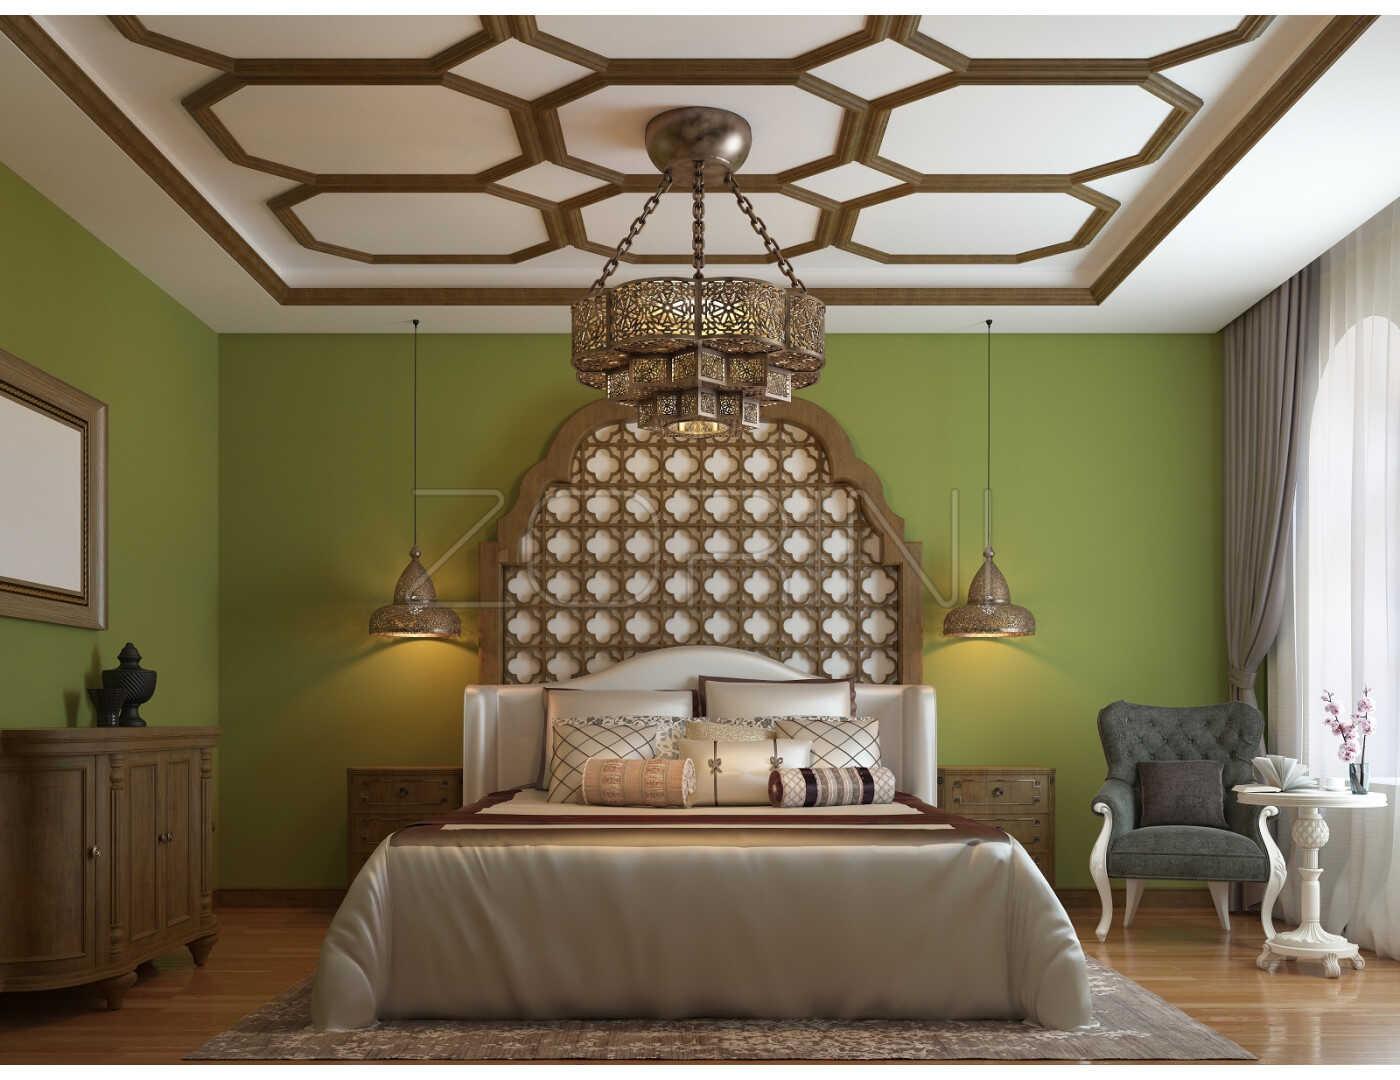 Спальня Злата в загородном стиле  - фото